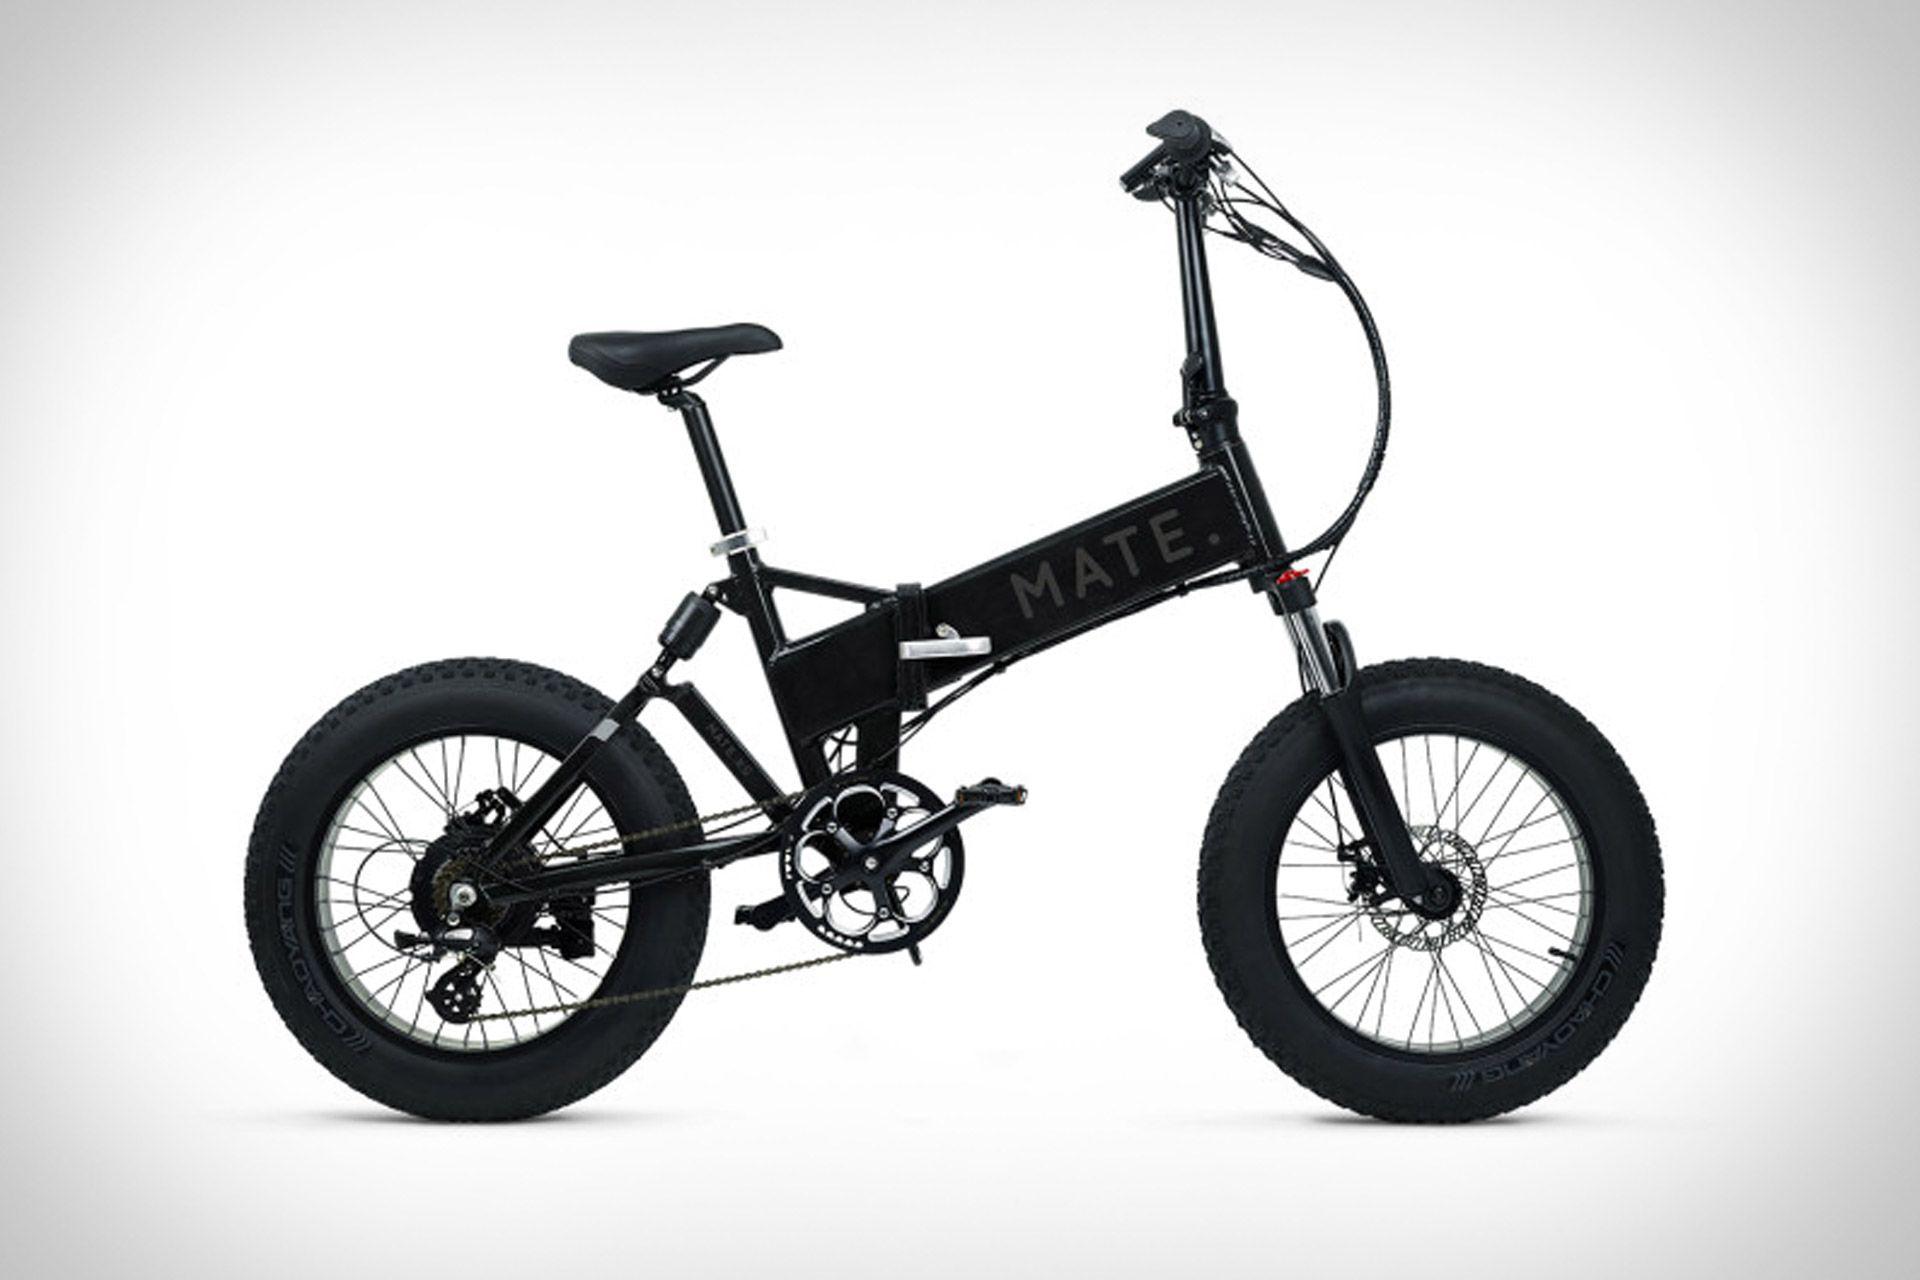 Mate X Folding E Bike Ebike Bike Bicycle Women